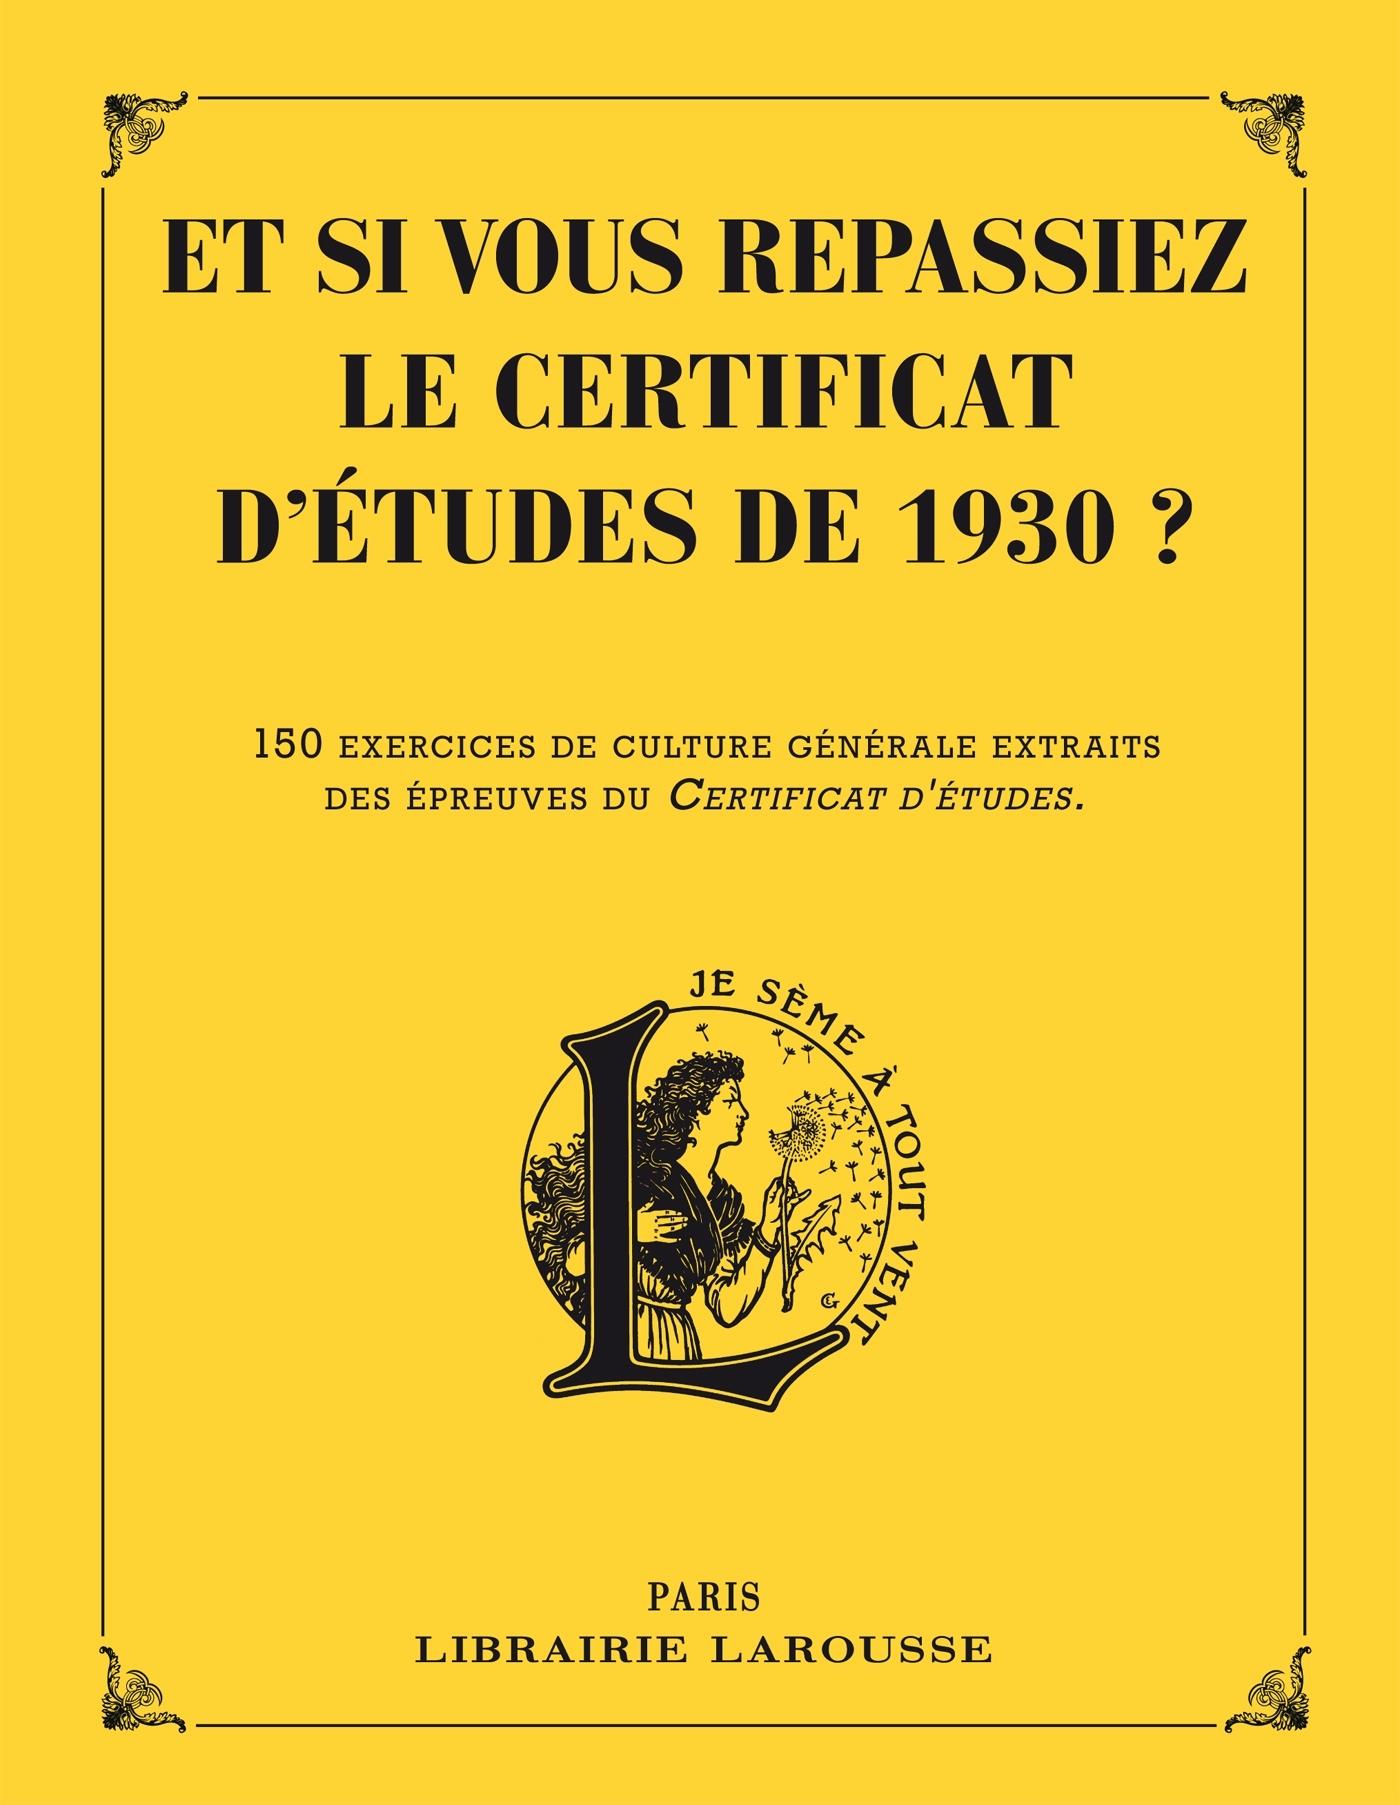 ET SI VOUS REPASSIEZ VOTRE CERTIFICAT D'ETUDES EN 1930 ?